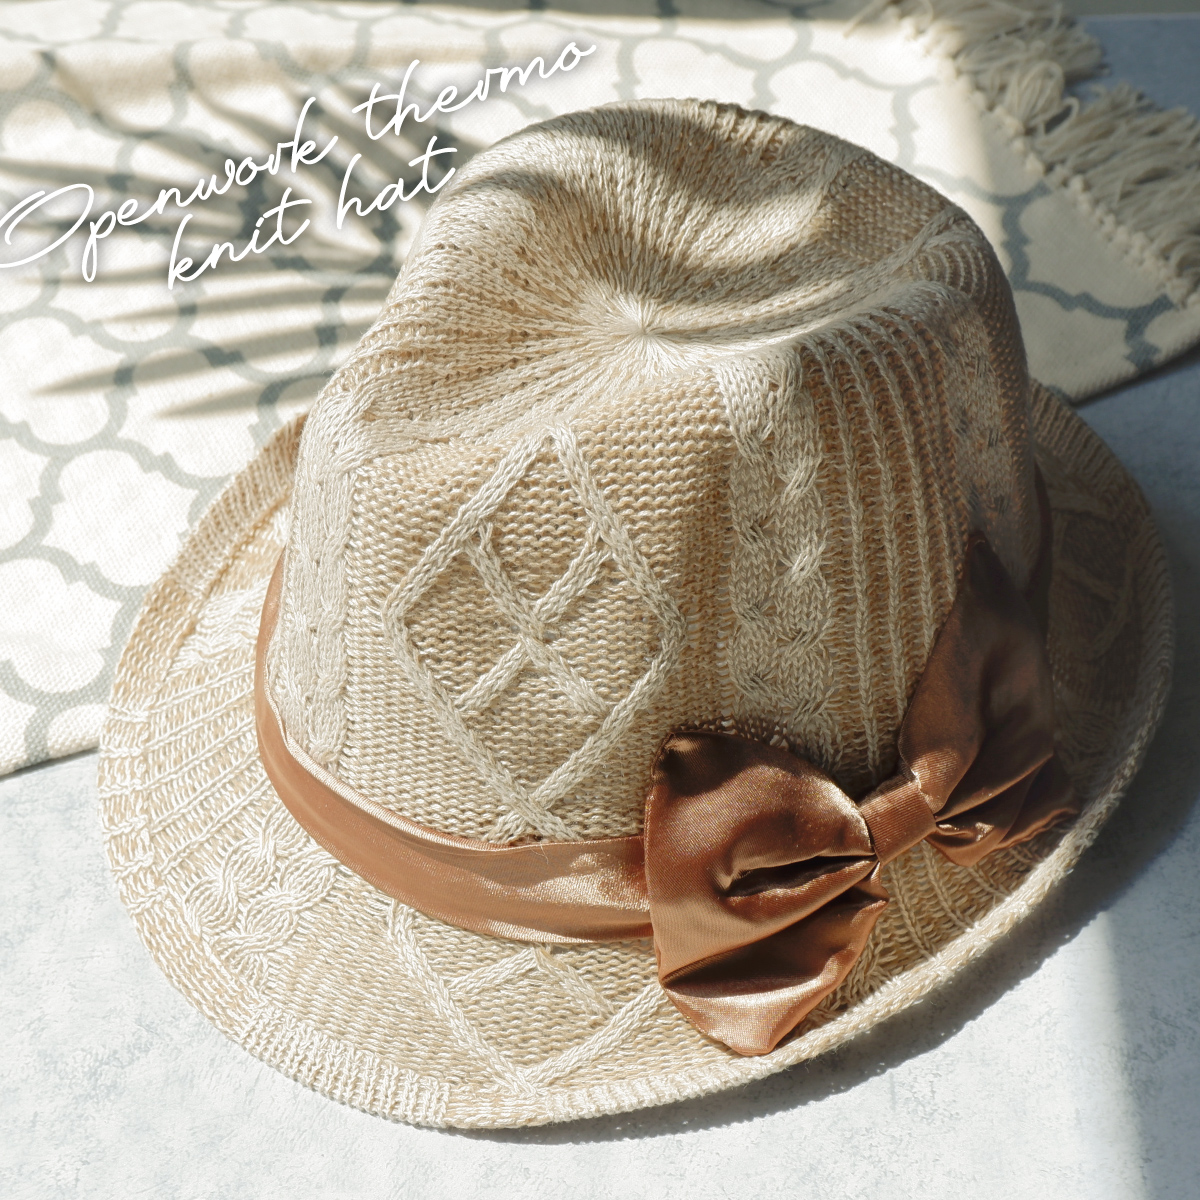 帽子 キッズ ジュニア レディース ギフト アウトレット サテンリボン 透かし編みサーモニット中折れ帽子 プレゼント ついに入荷